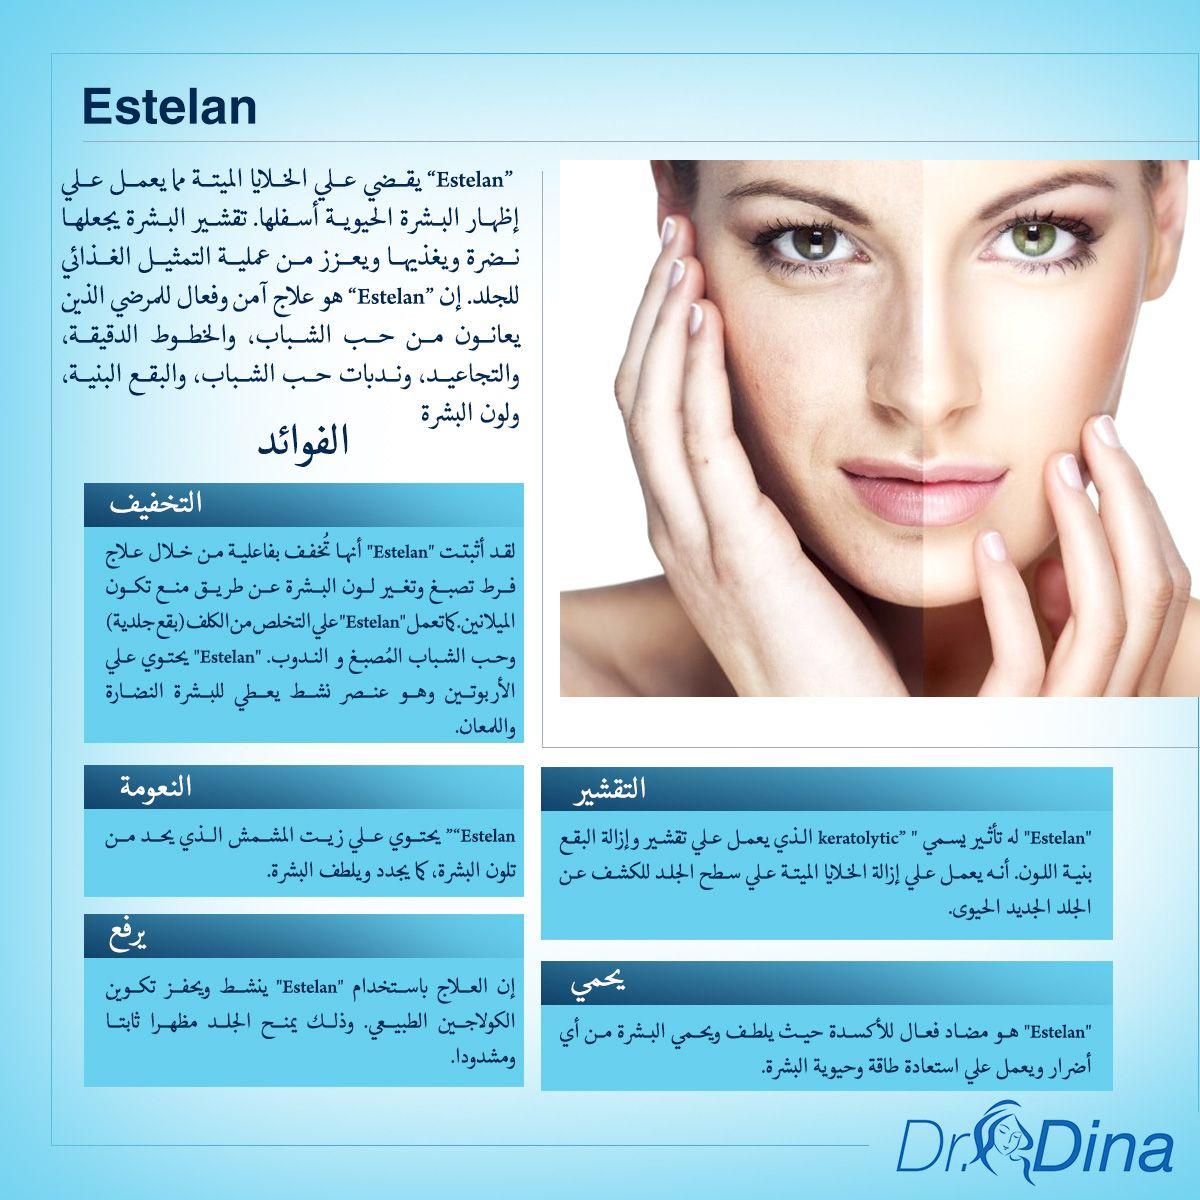 التقشير باستخدام Estelan يمنحك بشرة جديدة وأكثر لمعانا أنه أفضل حل يساعدك في جلسة واحدة فقط متاح لدي خبيرة البشرة ال Flawless Skin Skin Problems Skin